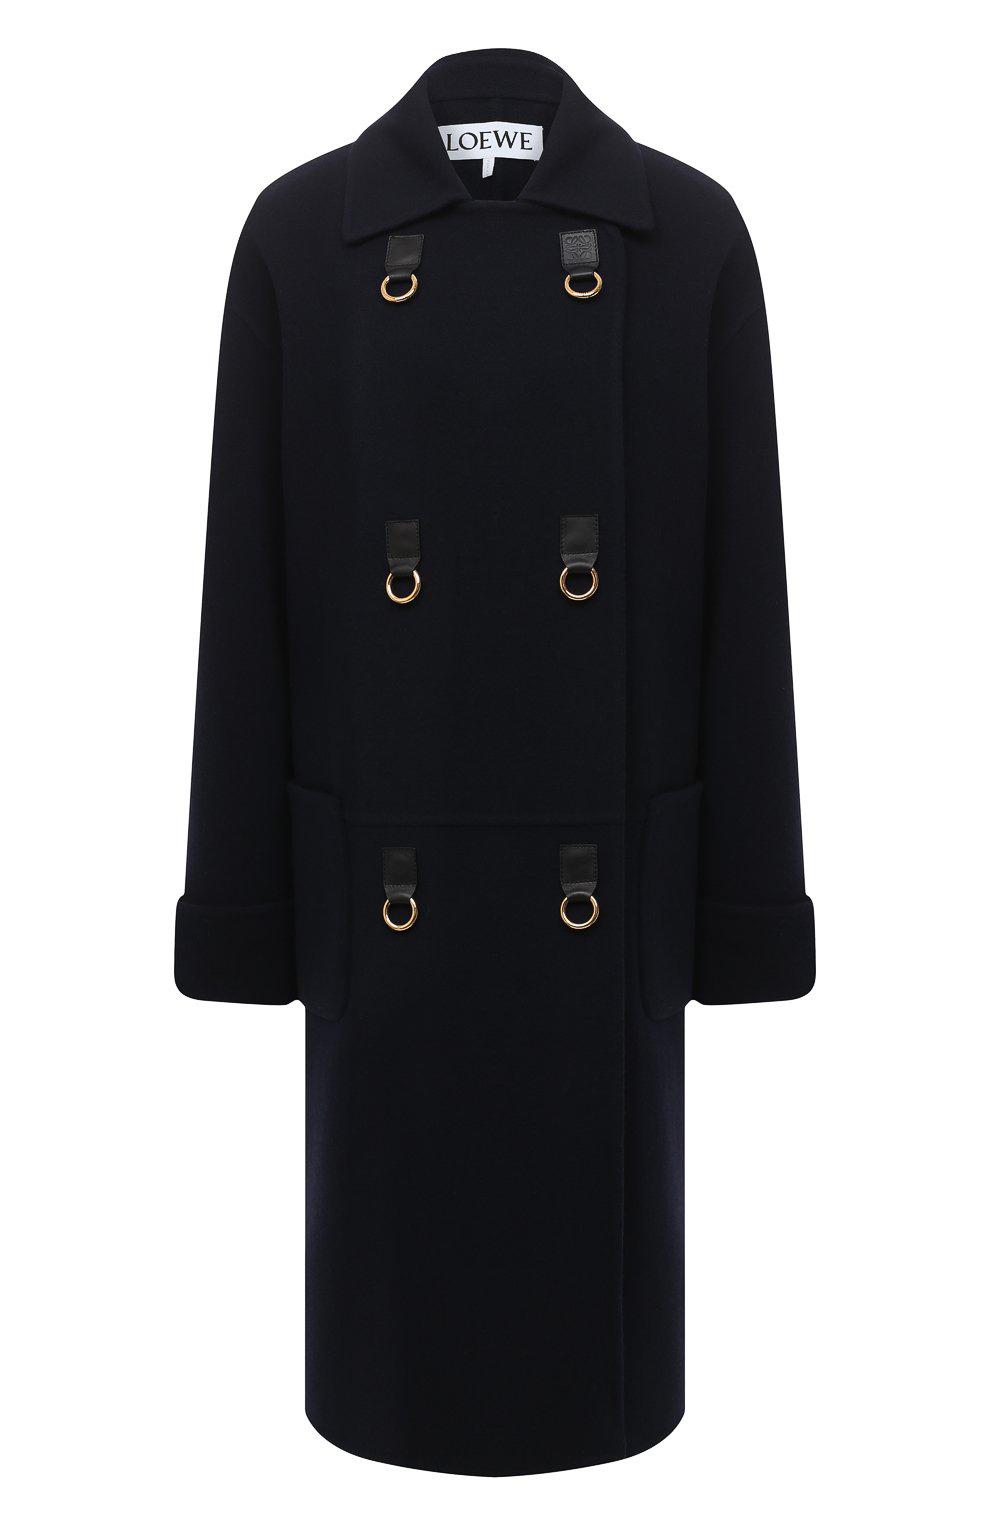 Пальто Loewe, 241 000 руб.(ЦУМ)